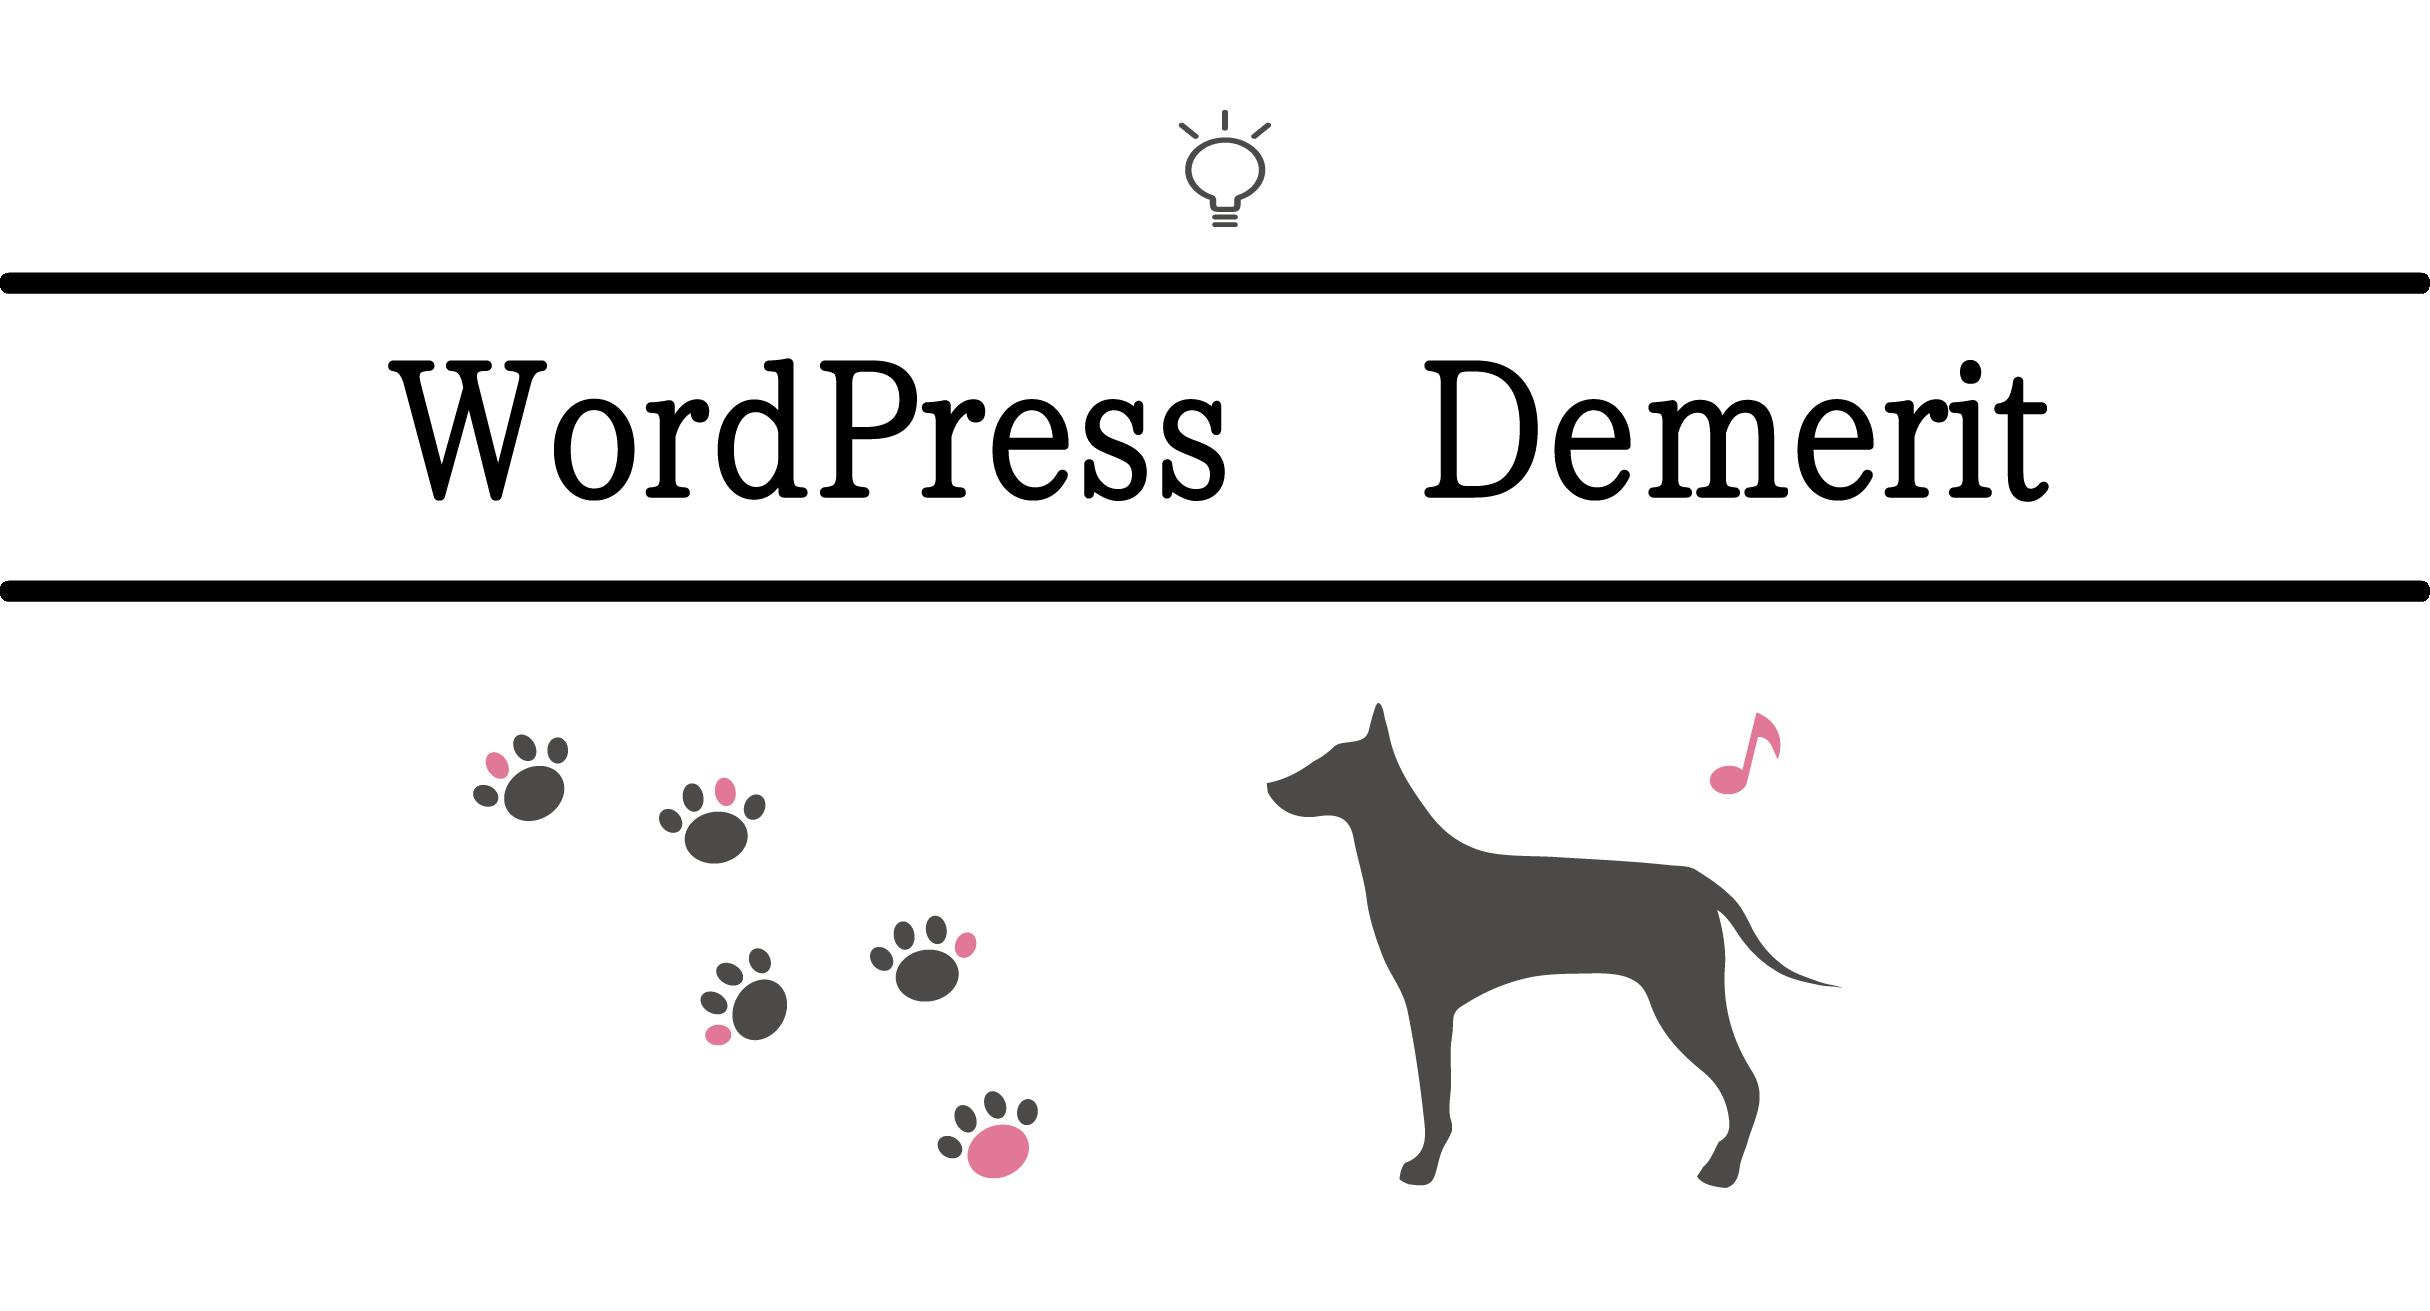 WordPressのデメリットを徹底的に解決!誰でも簡単にサイト作成を可能にしてしまう記事